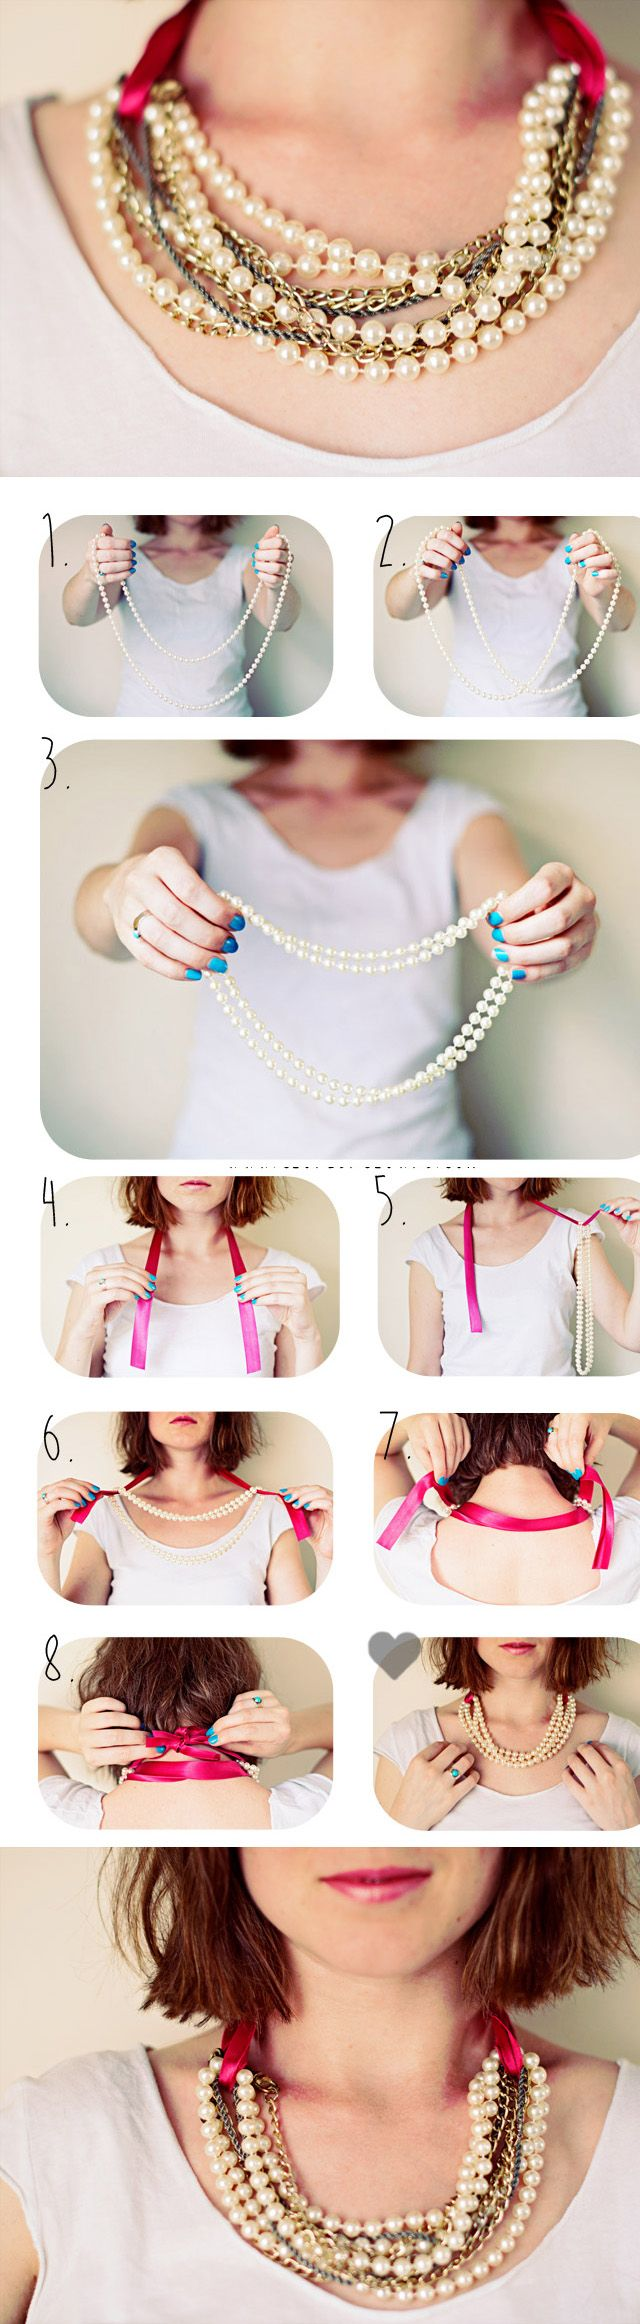 diy-colar-nacklace (4)